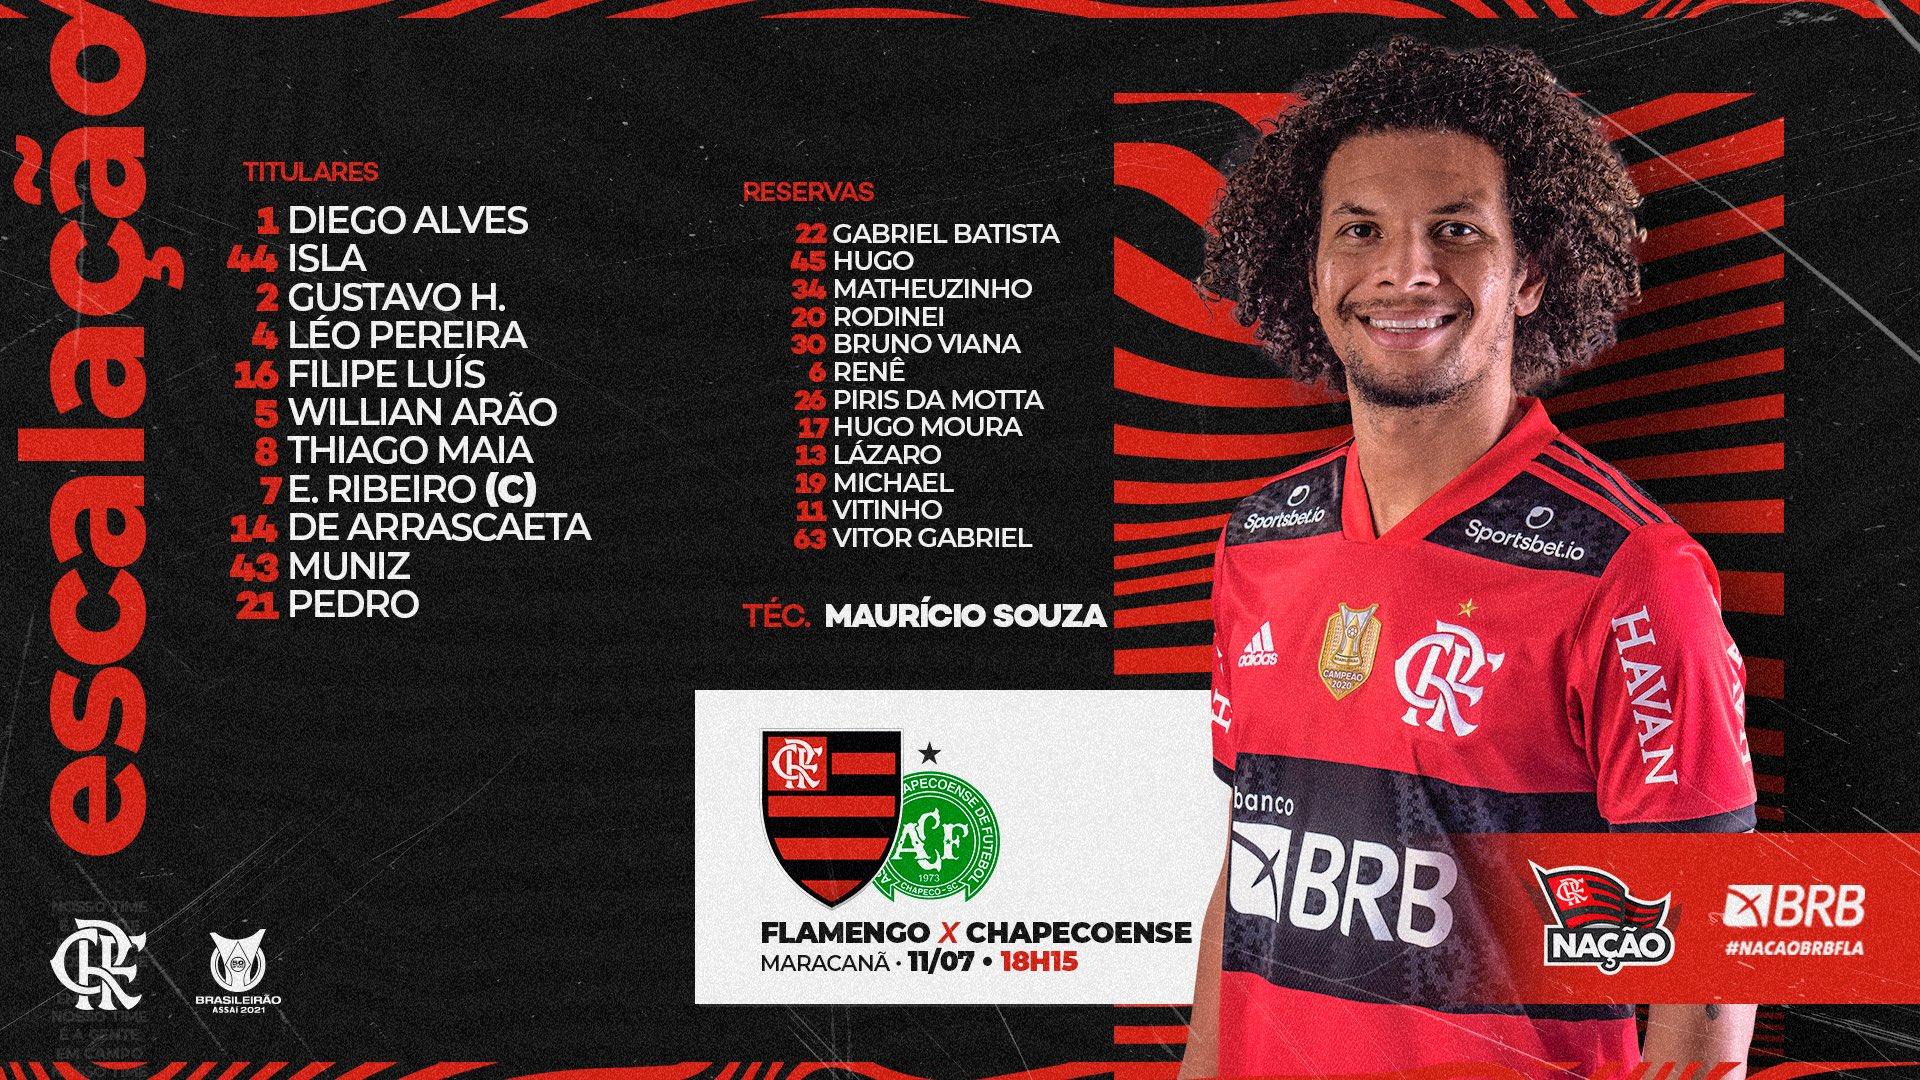 Flamengo escalado para pegar a Chapecoense pela Série A do Campeonato Brasileiro